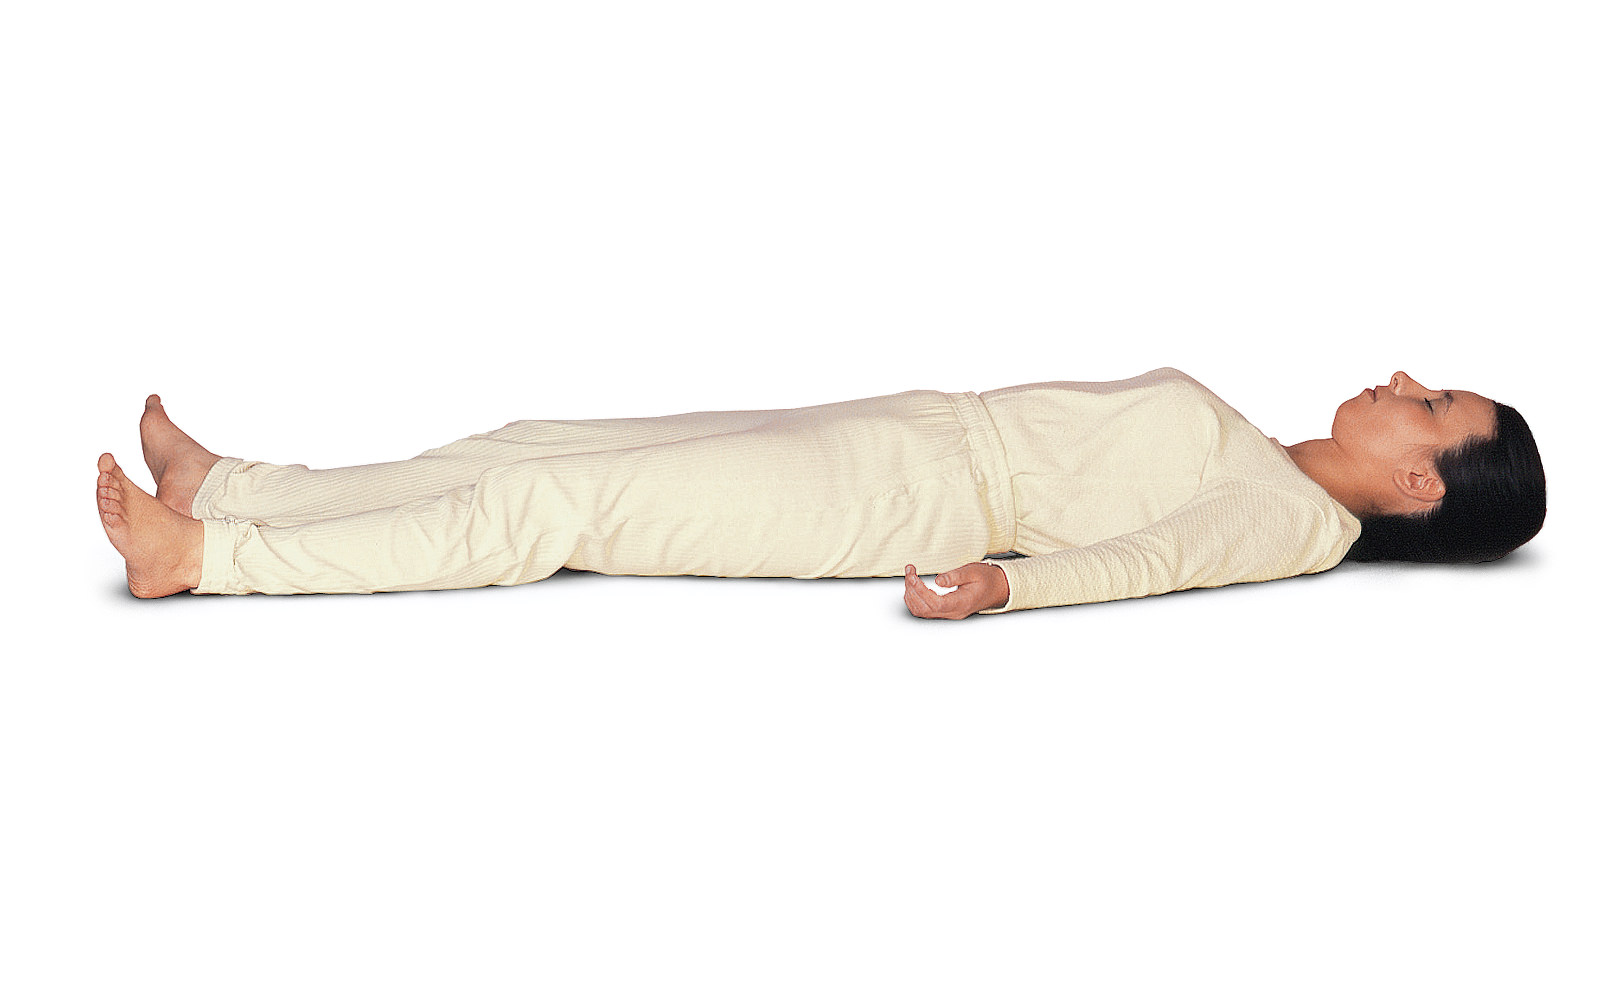 mulher de calça e blusa brancos deitada em fundo infinito branco, de barriga para cima, cabelos escuros e presos, relaxando no solo